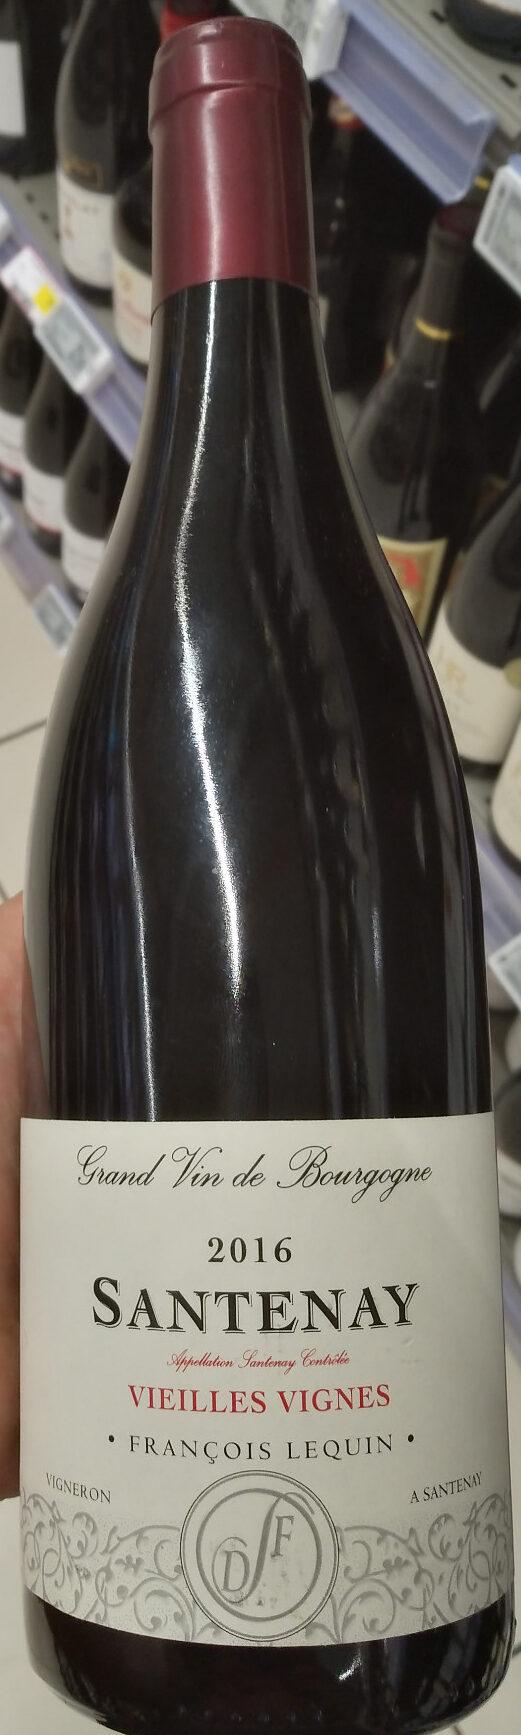 Santenay Vieilles Vignes - Produit - fr